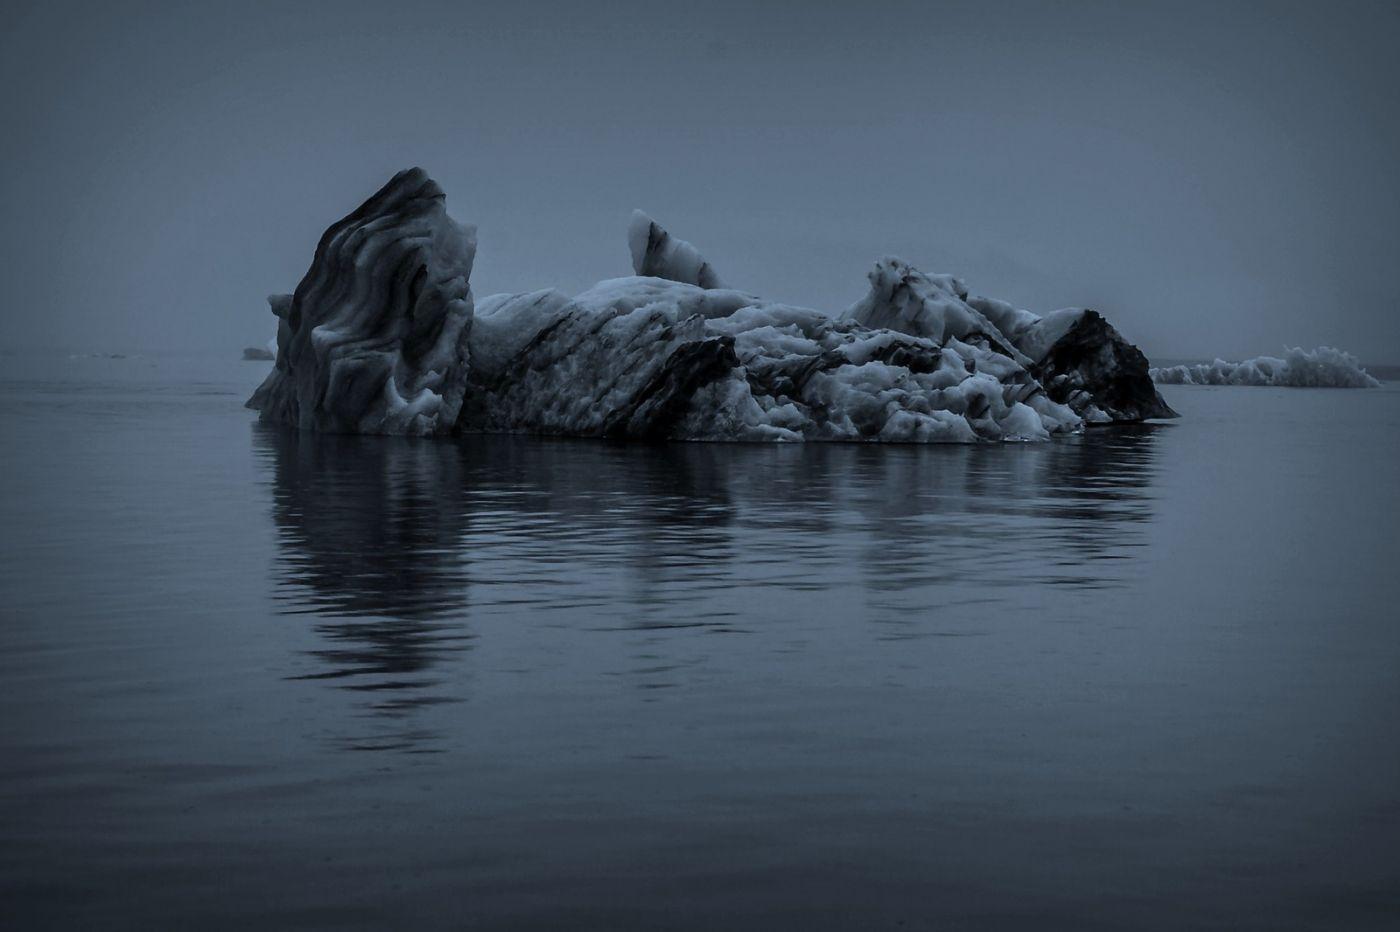 冰岛冰川泻湖(Glacier Lagoon), 湖面上冰川_图1-8